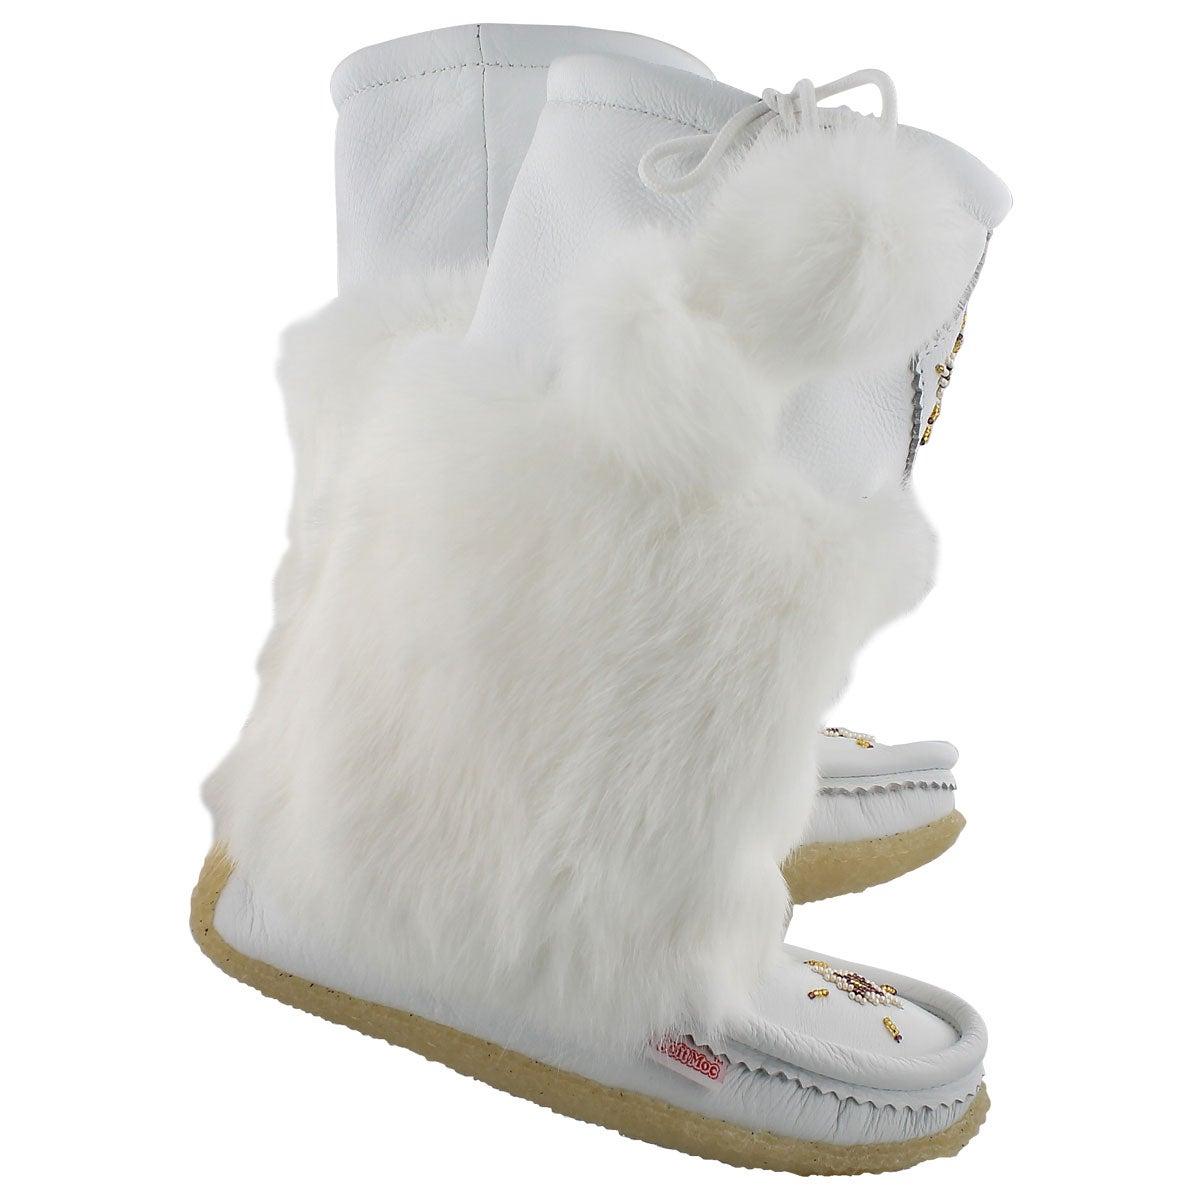 Lds white lthr rabbit fur mukluk